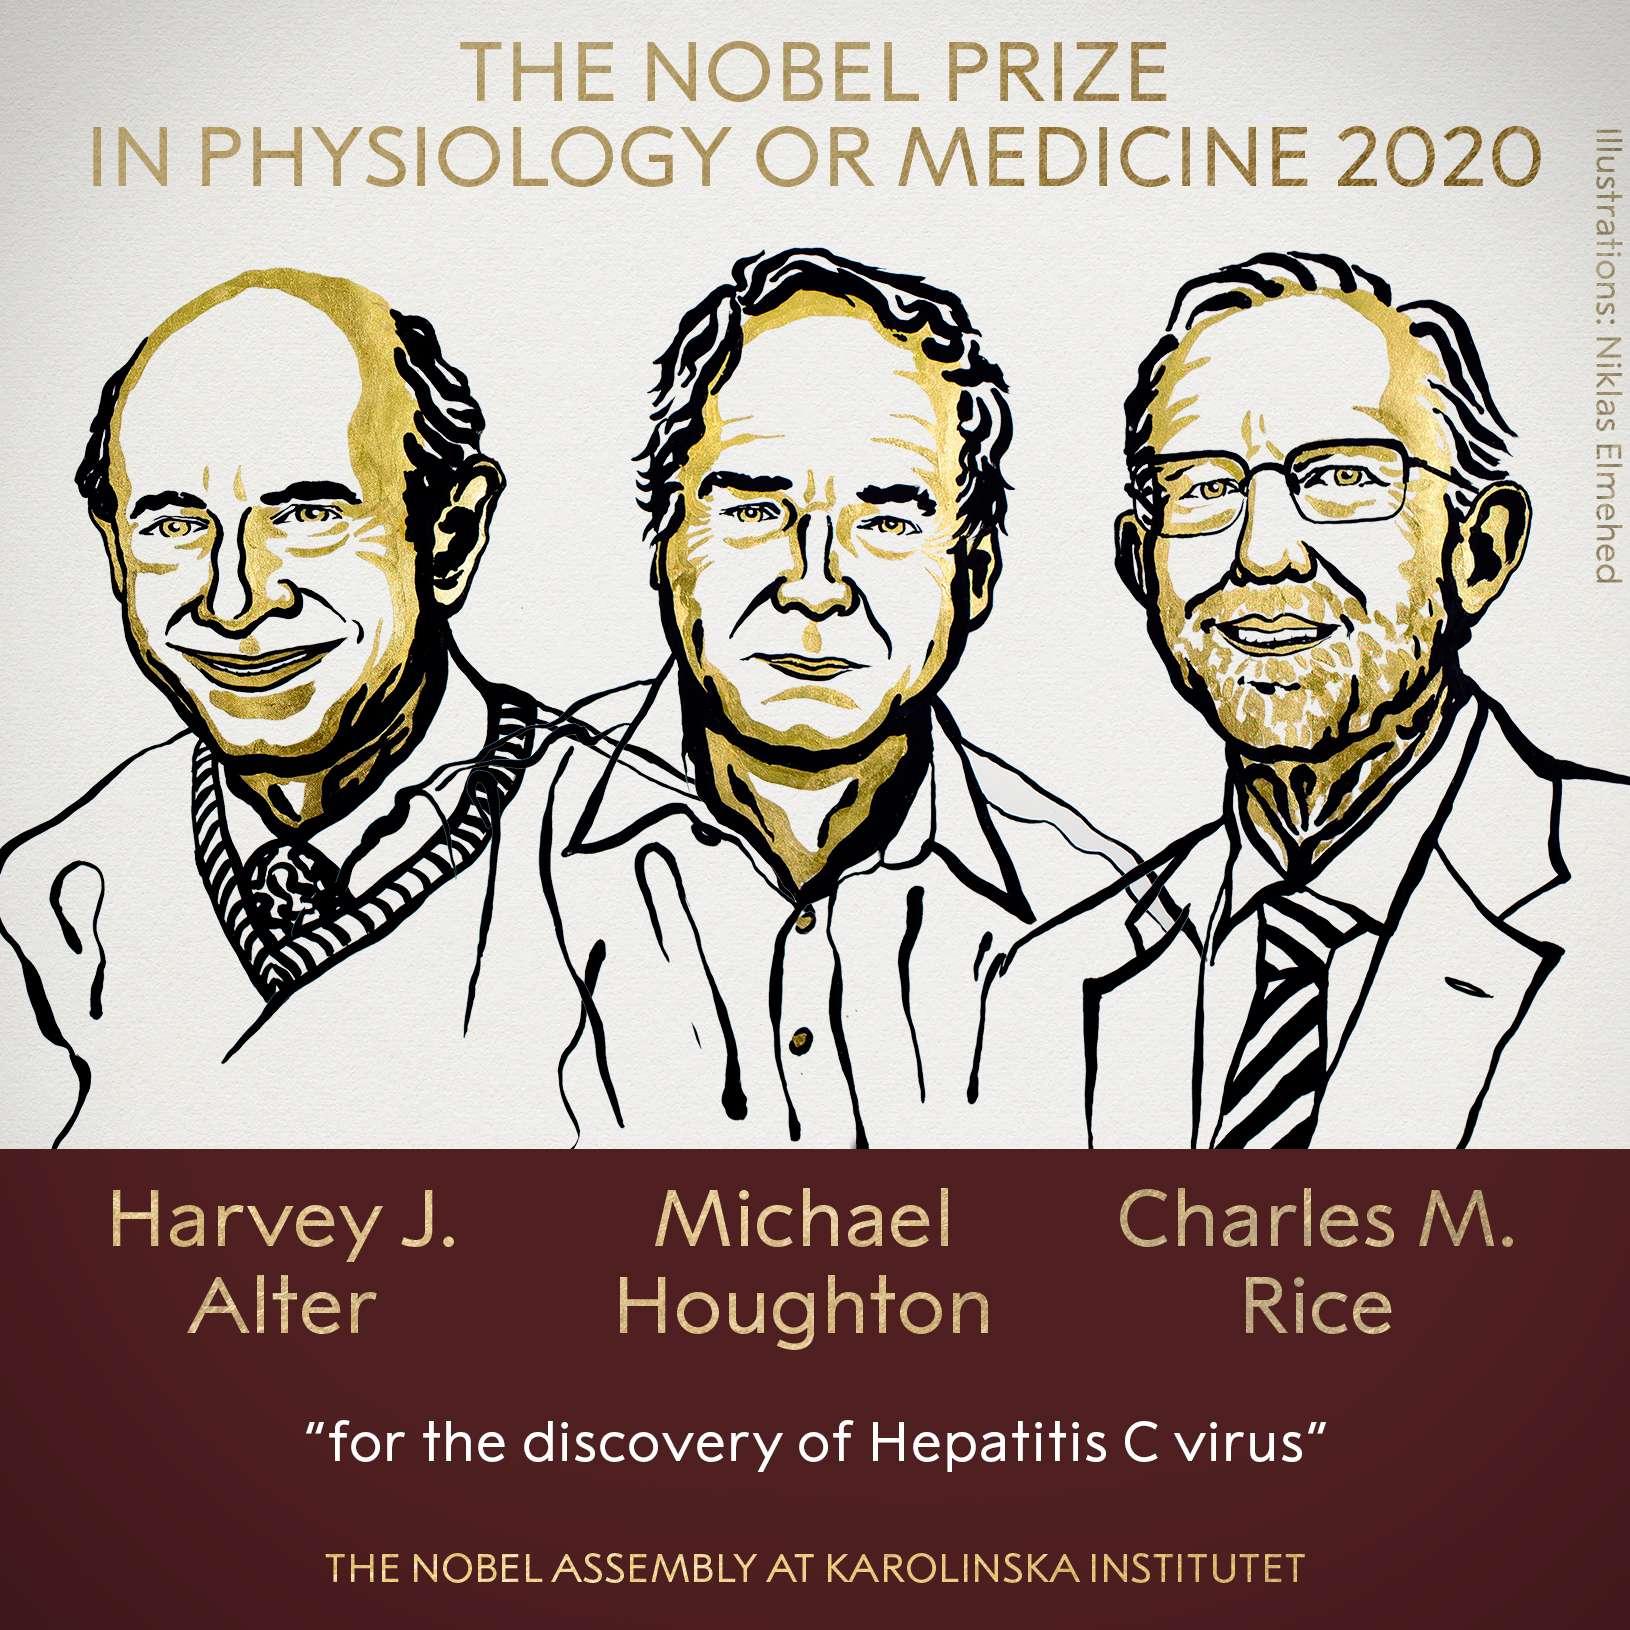 Les trois prix Nobel 2020 de physiologie et de médecine : Harvey James Alter, Michael Houghton et Charles M. Rice. © Bertil, Adobe Stock